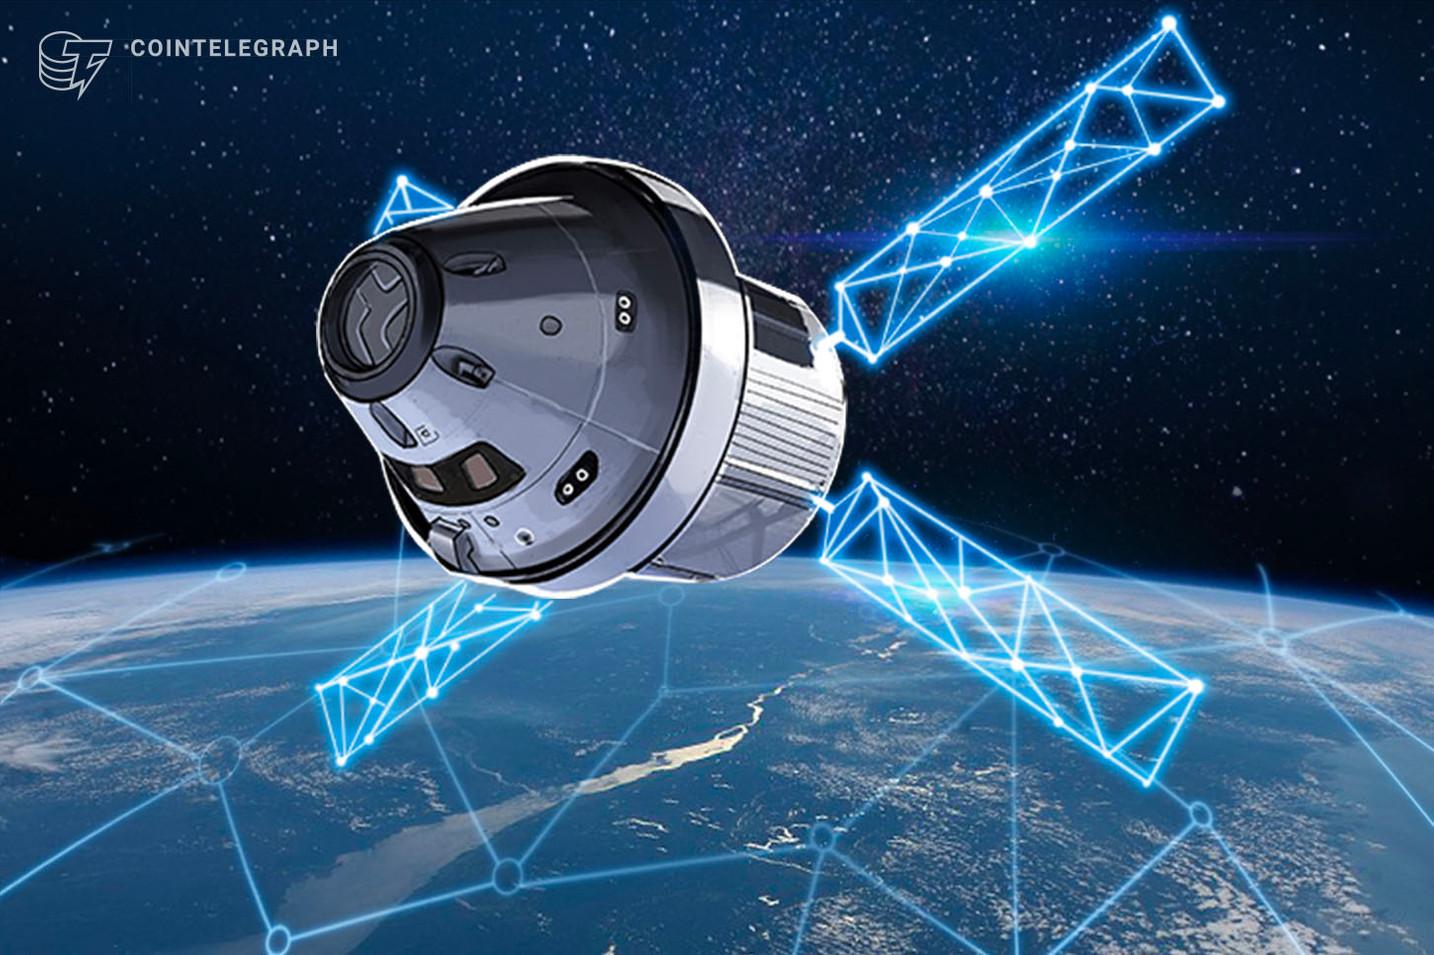 ブロックチェーンでスペースデブリに挑む 米コンセンシスがイーサリアム基盤の衛星追跡アプリ「Trusat」発表【ニュース】